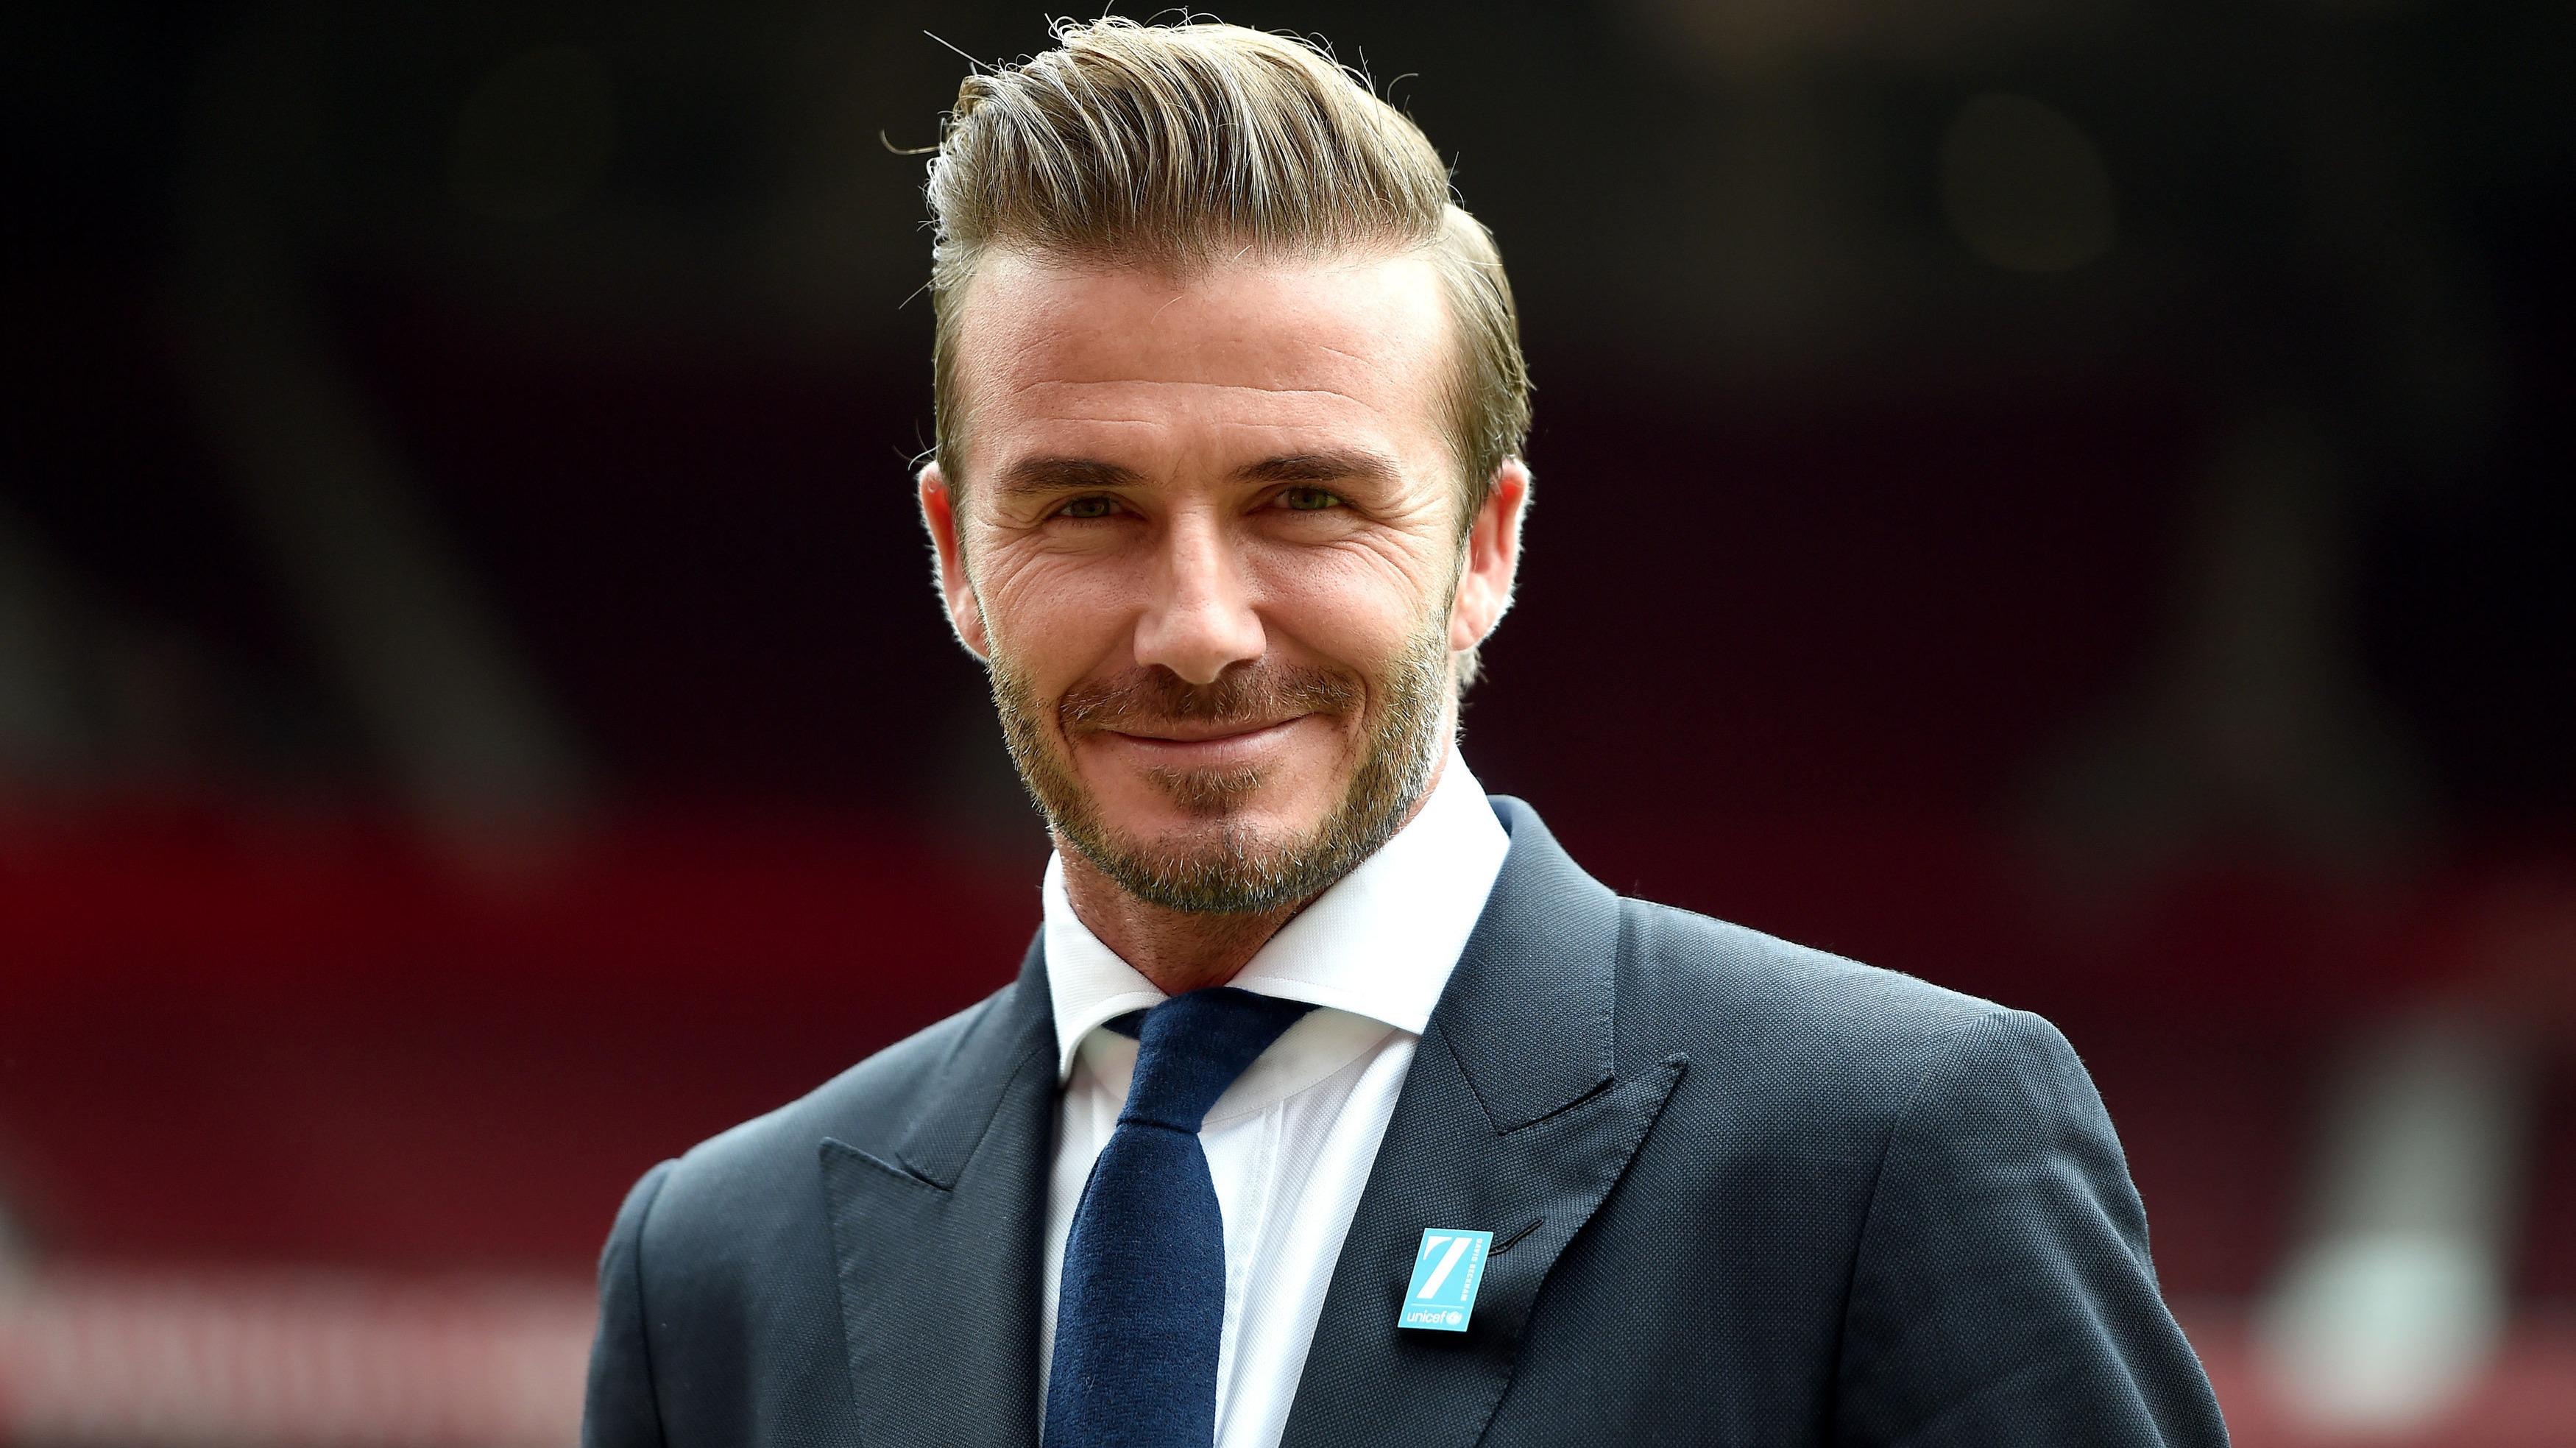 Most Viewed David Beckham Wallpapers